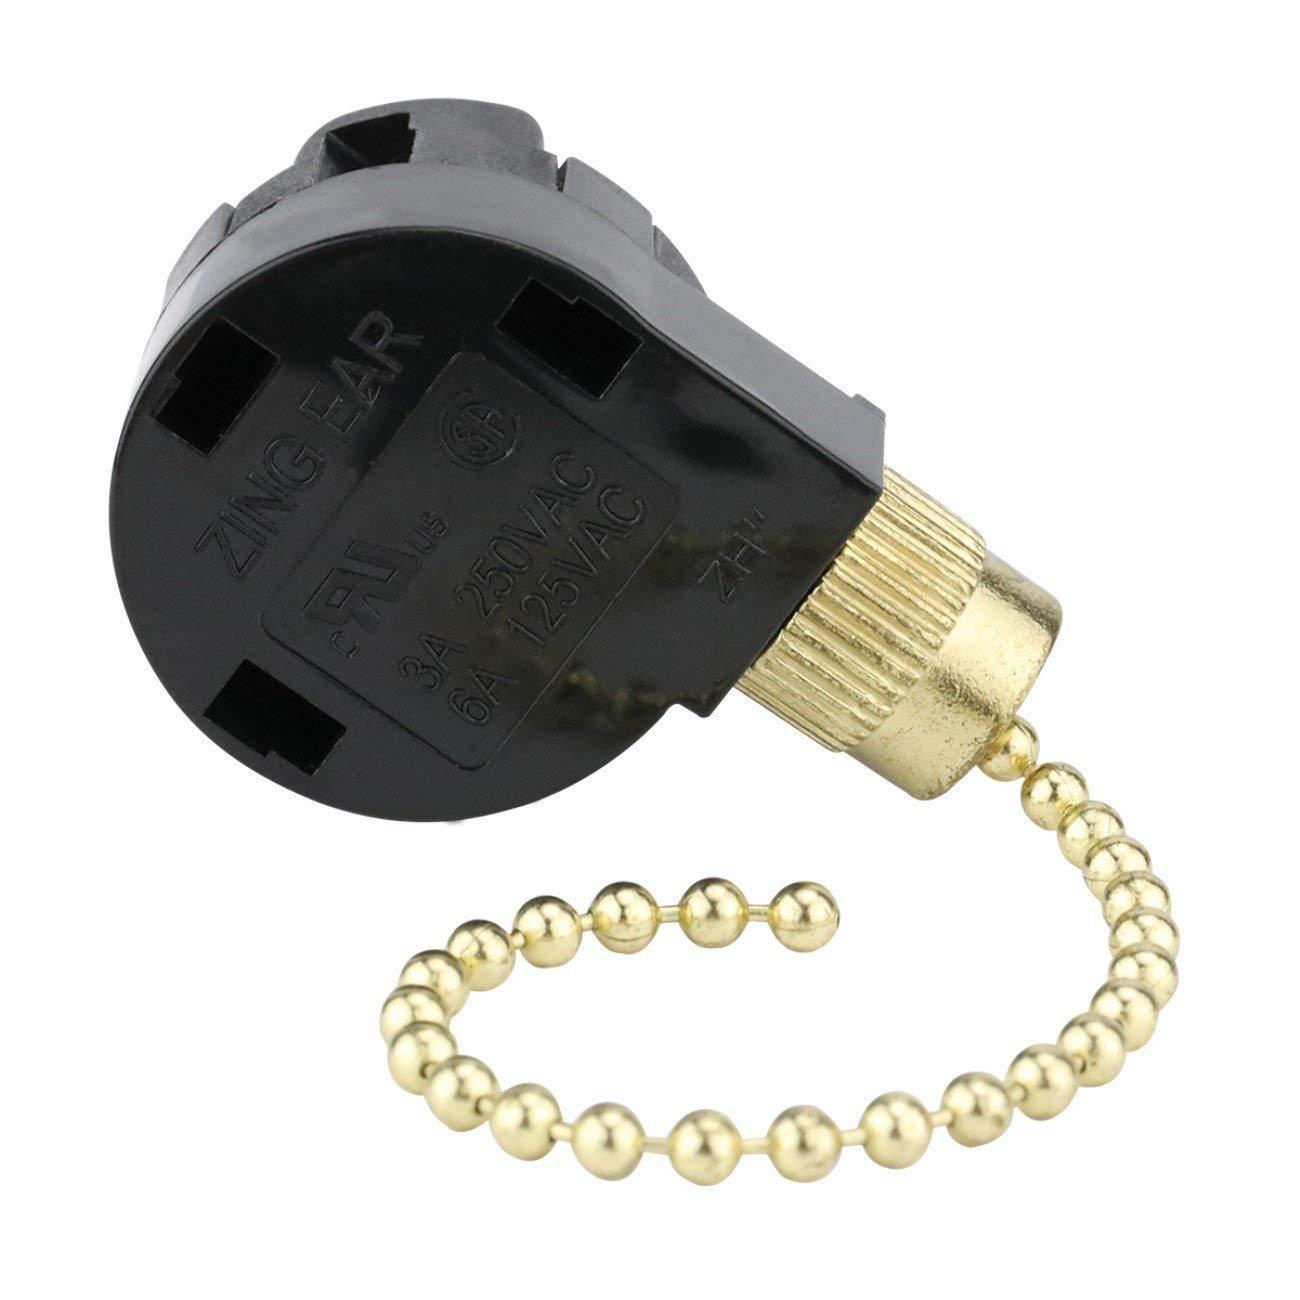 Buy Ceiling Fan Switch Zing Ear Ze